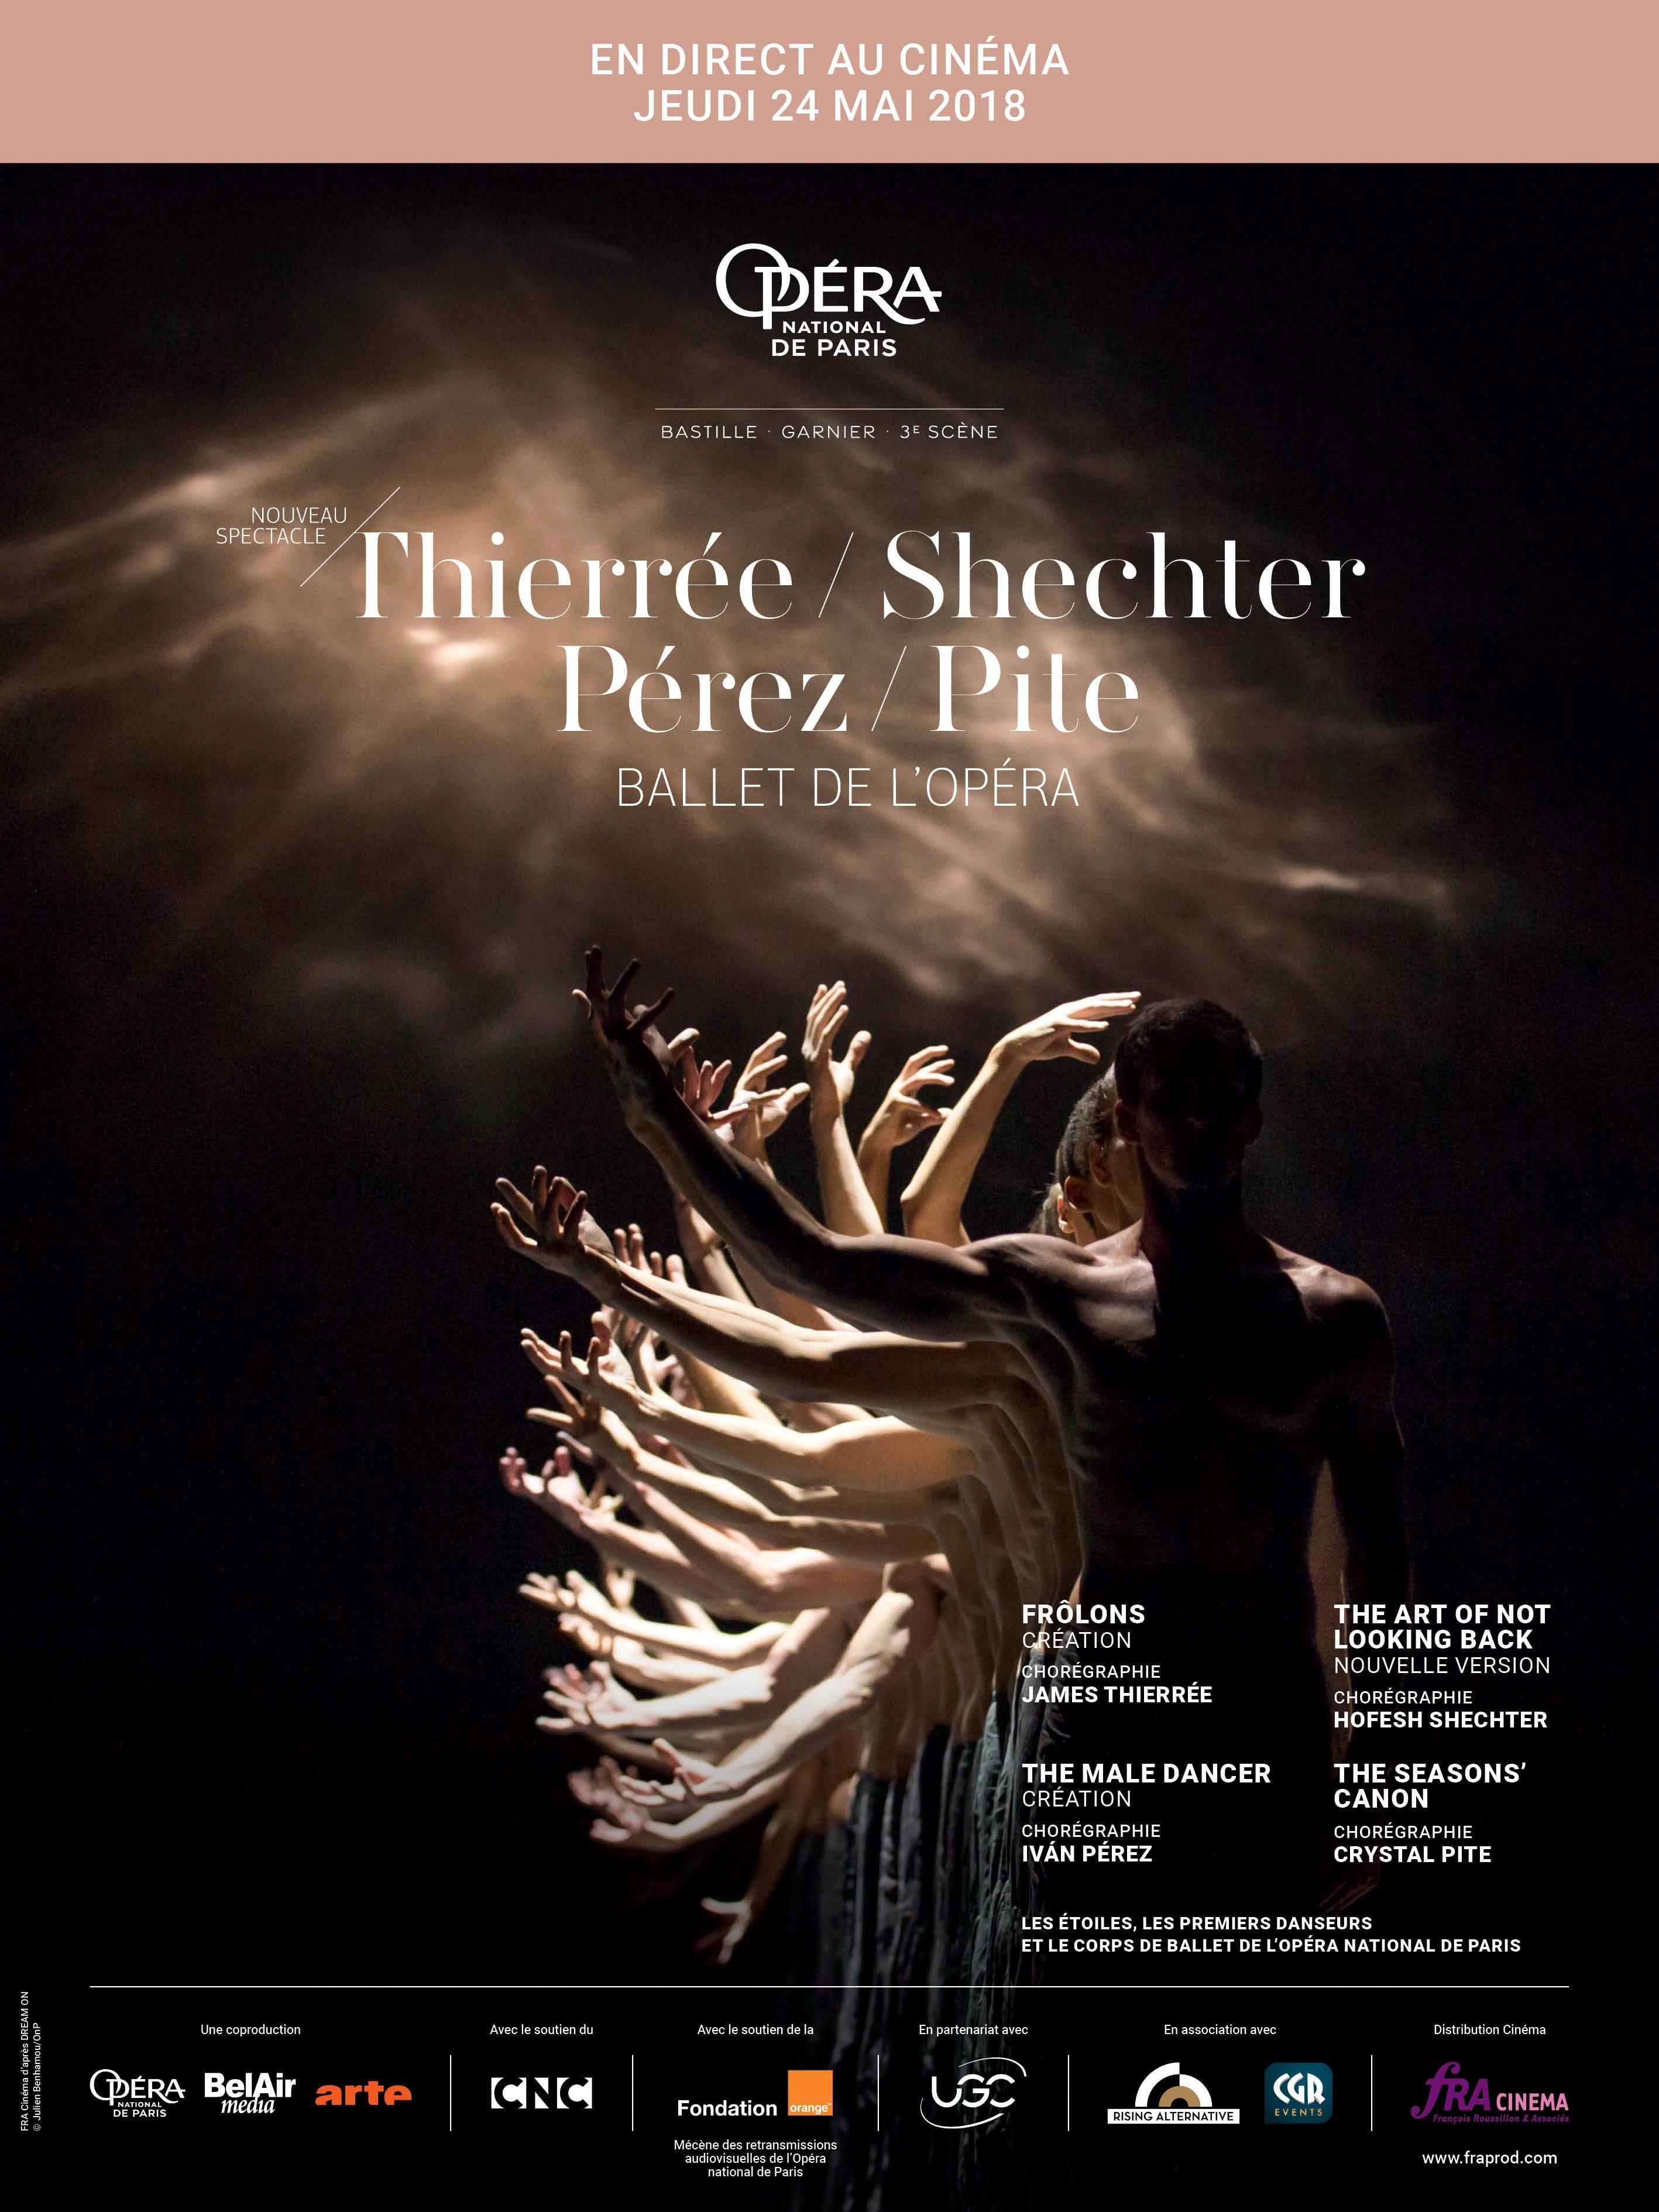 Thierree -  Shechter - Pérez - Pite (Opéra de Paris-FRA Cinéma)